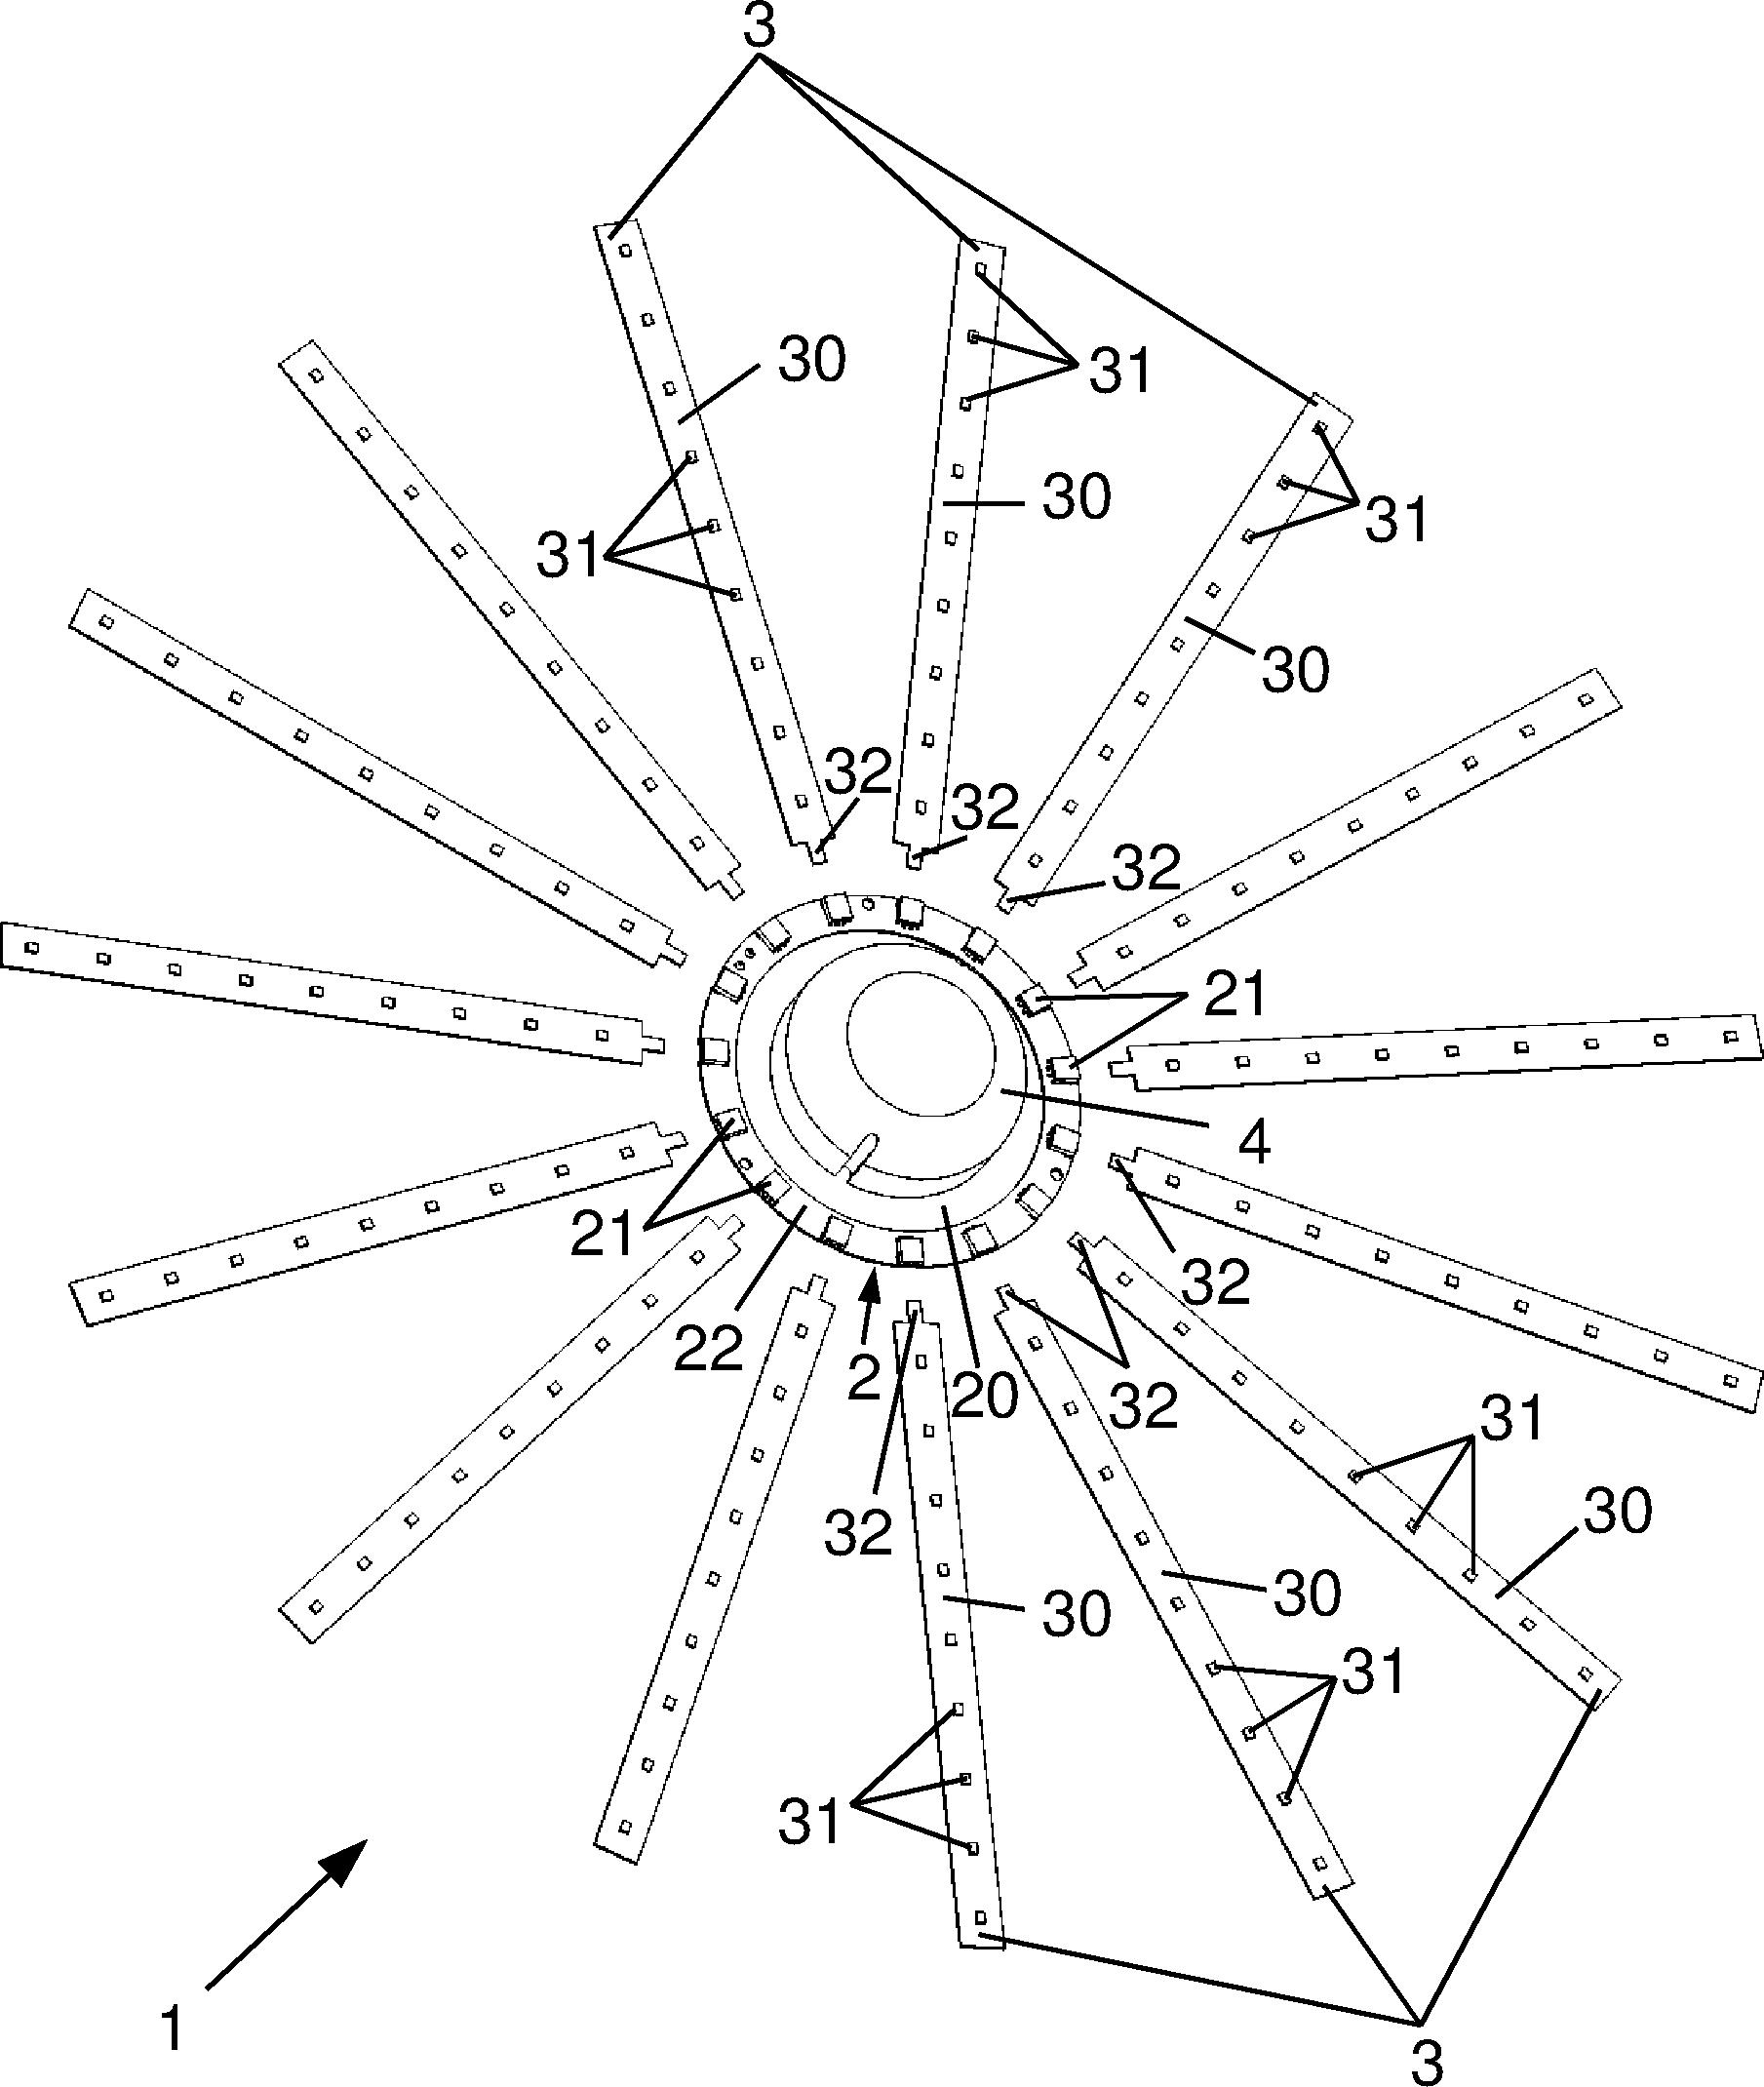 Figure DE202016107013U1_0001